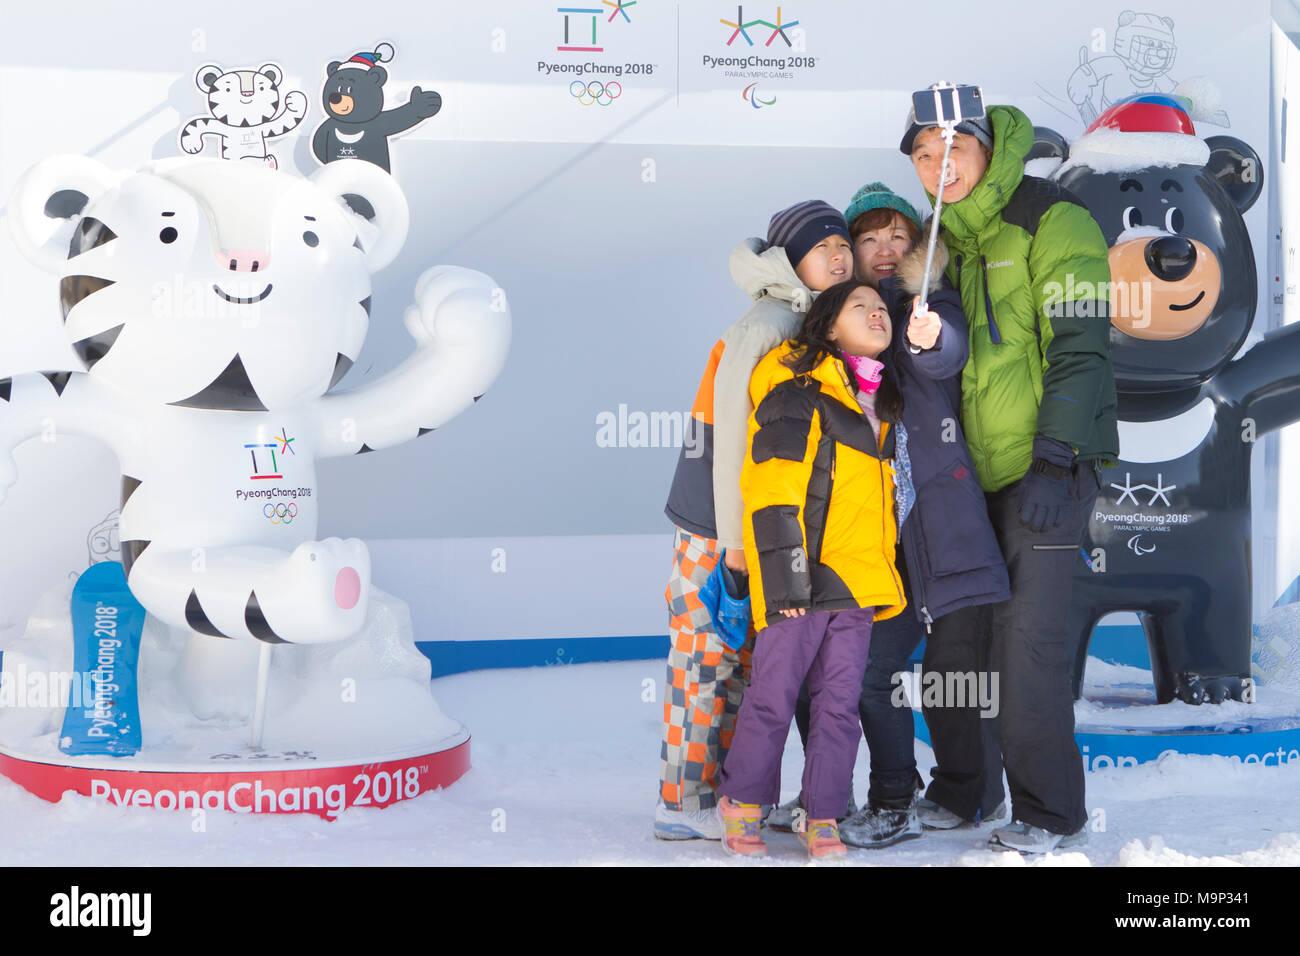 Eine Familie ist eine Gruppe selfie in Alpensia Resort, mit den beiden Maskottchen (Soohorang und Bandabi) der olympischen Winterspiele und Paralympics 2018. Die alpensia Resort ist ein Skigebiet und eine touristische Attraktion. Es ist auf dem Gebiet der Gemeinde von daegwallyeong-myeon befindet sich in der Grafschaft von Pyeongchang, die Olympischen Winterspiele hosting im Februar 2018. Das Skigebiet ist ca. 2,5 Stunden von Seoul oder Incheon Airport mit dem Auto, überwiegend alle Autobahn. Alpensia hat sechs Pisten für Ski und Snowboard, mit bis zu 1,4 km (0.87 mi) lang, für Anfänger und Fortgeschrittene, und ein Stockbild